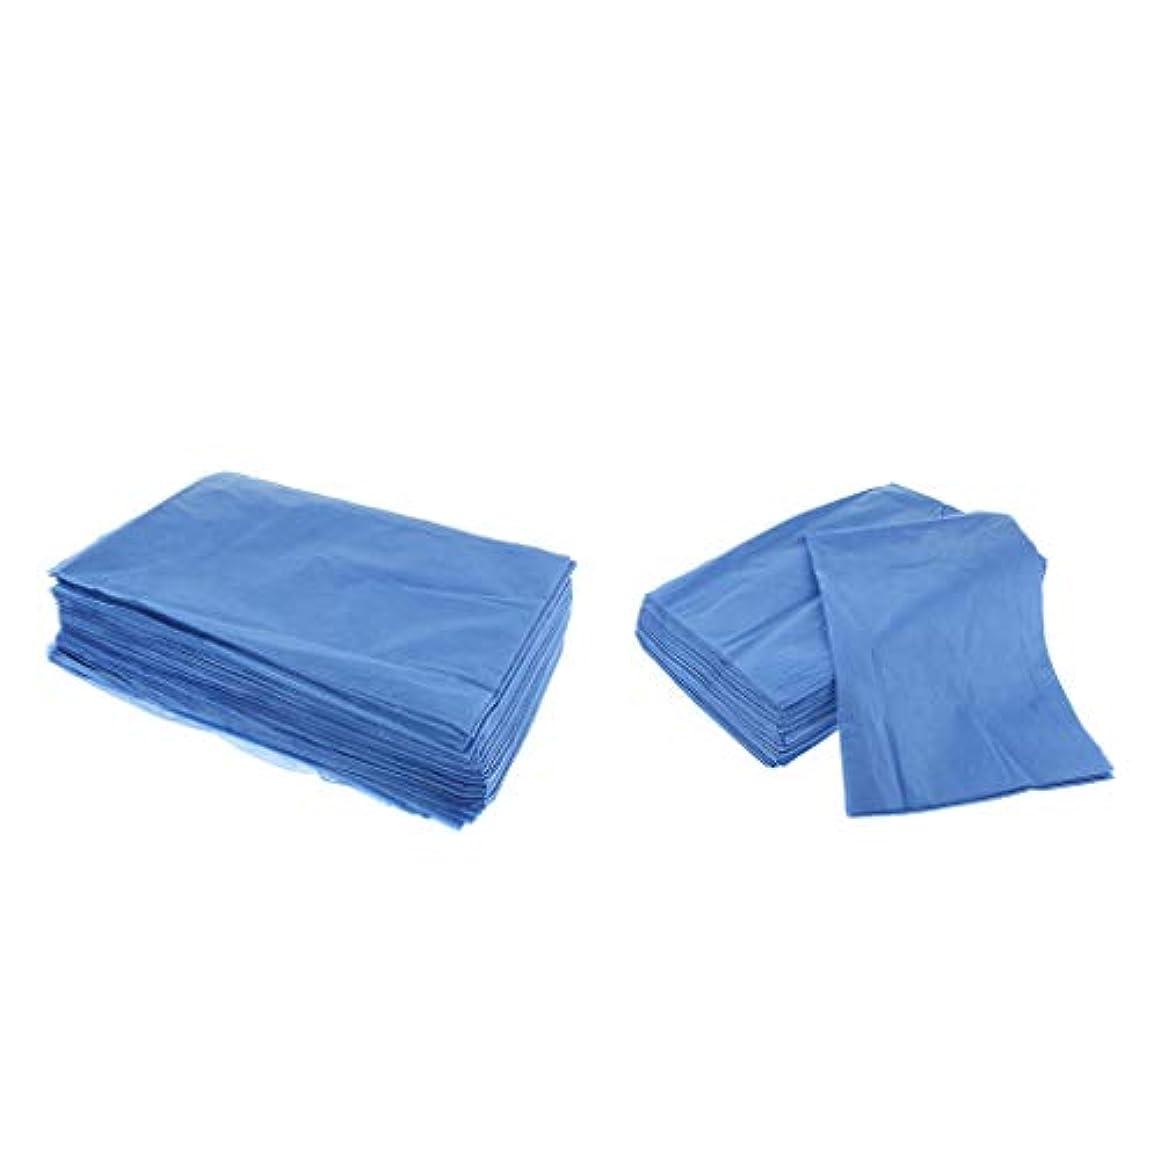 負担ポーク航空便Hellery 40ピース/枚/個/枚のパック、失禁用不織布使い捨てシーツ紙、マッサージテーブルシート、フェイシャルビューティー